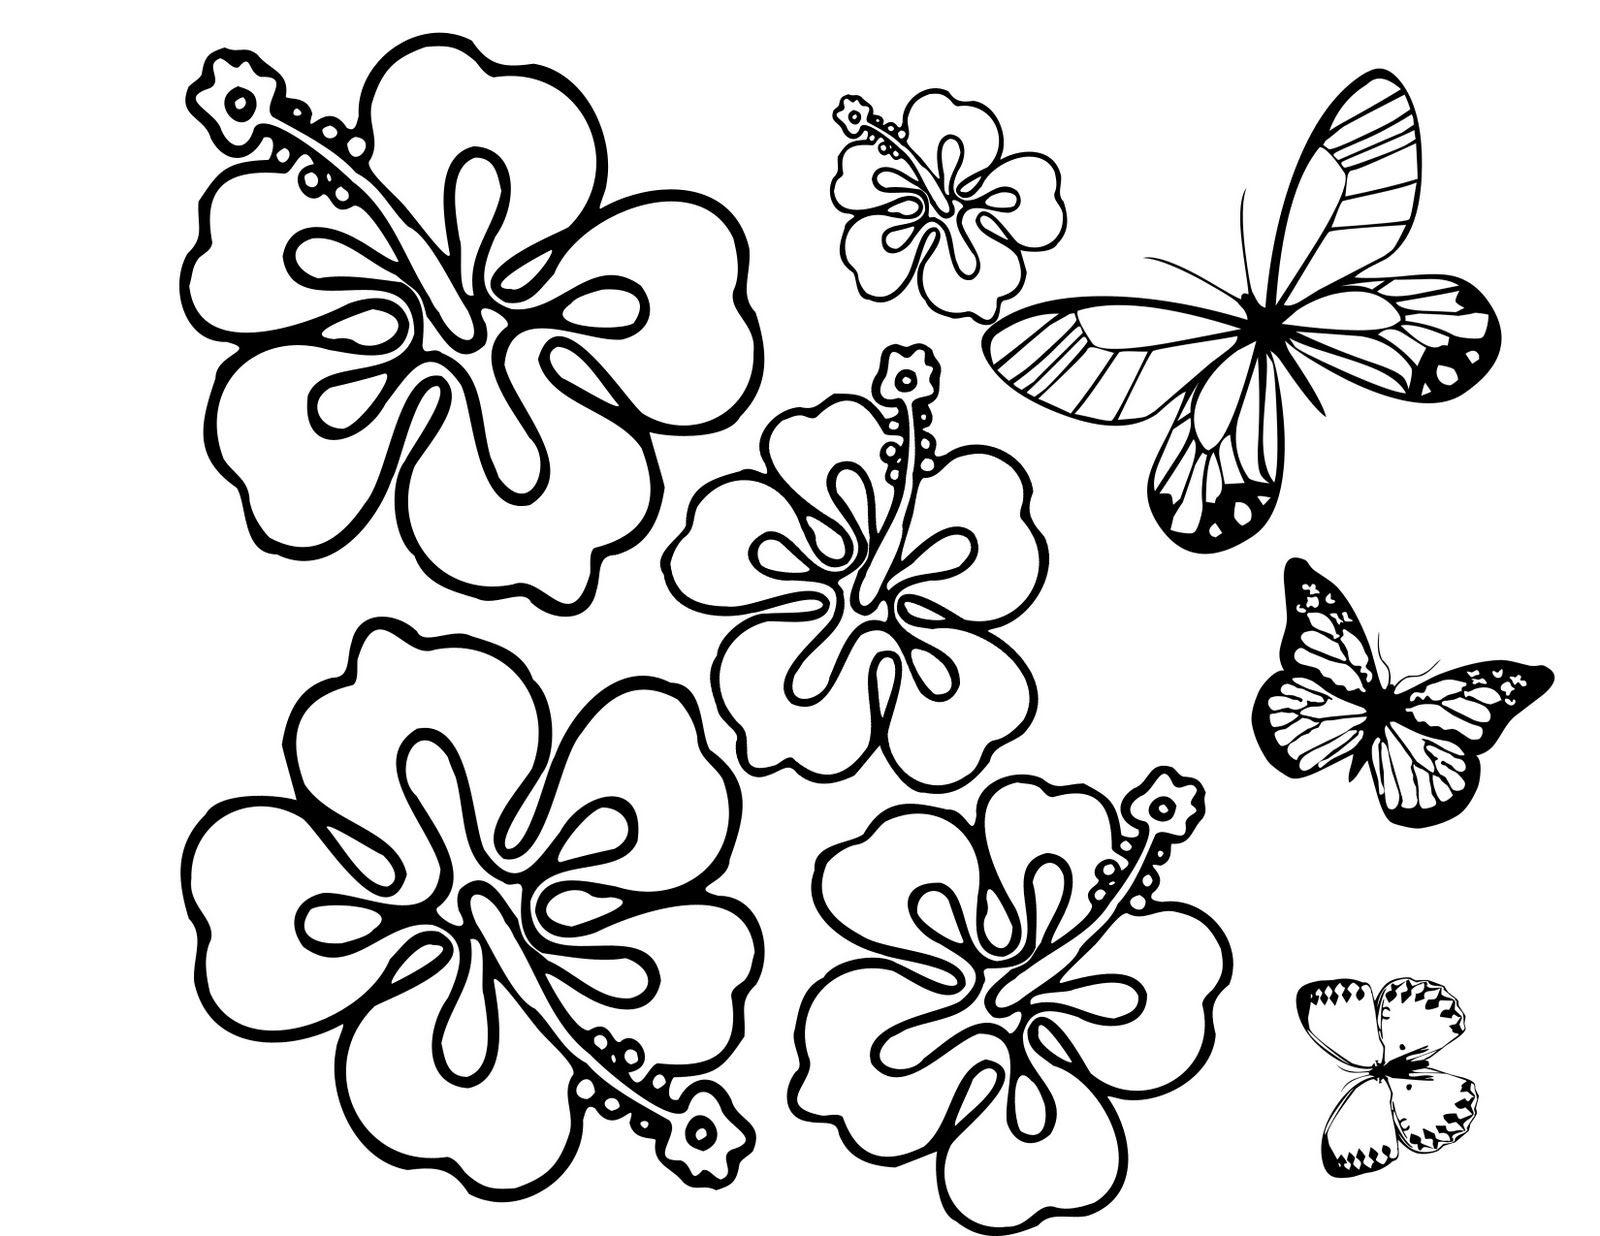 plantillas de flores y mariposas para pintar | DIBUJOS PARA COLOREAR ...